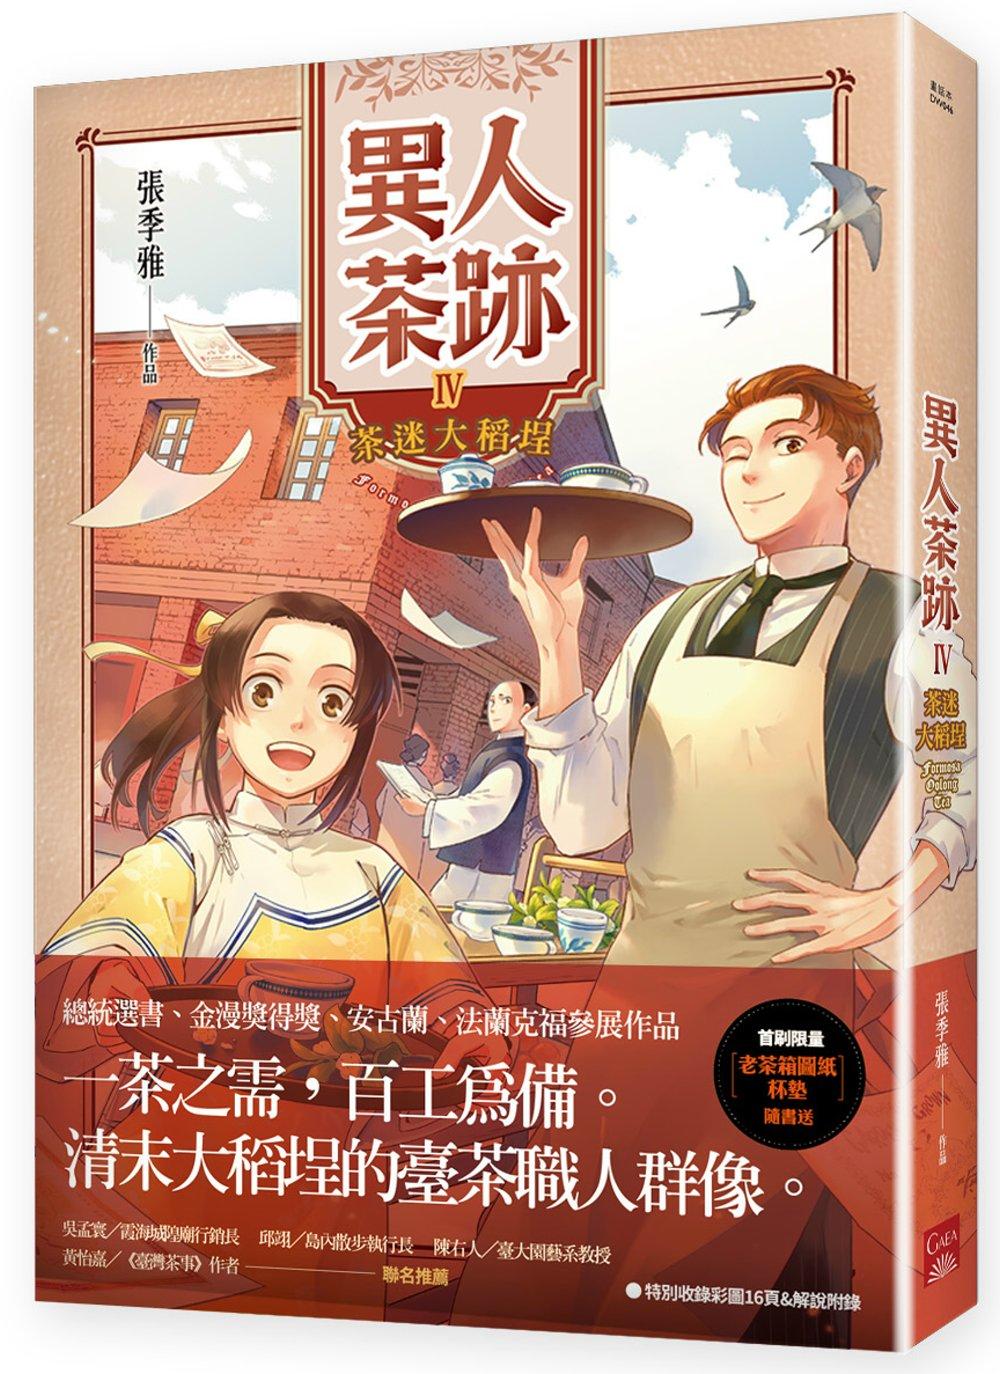 異人茶跡4:茶迷大稻埕